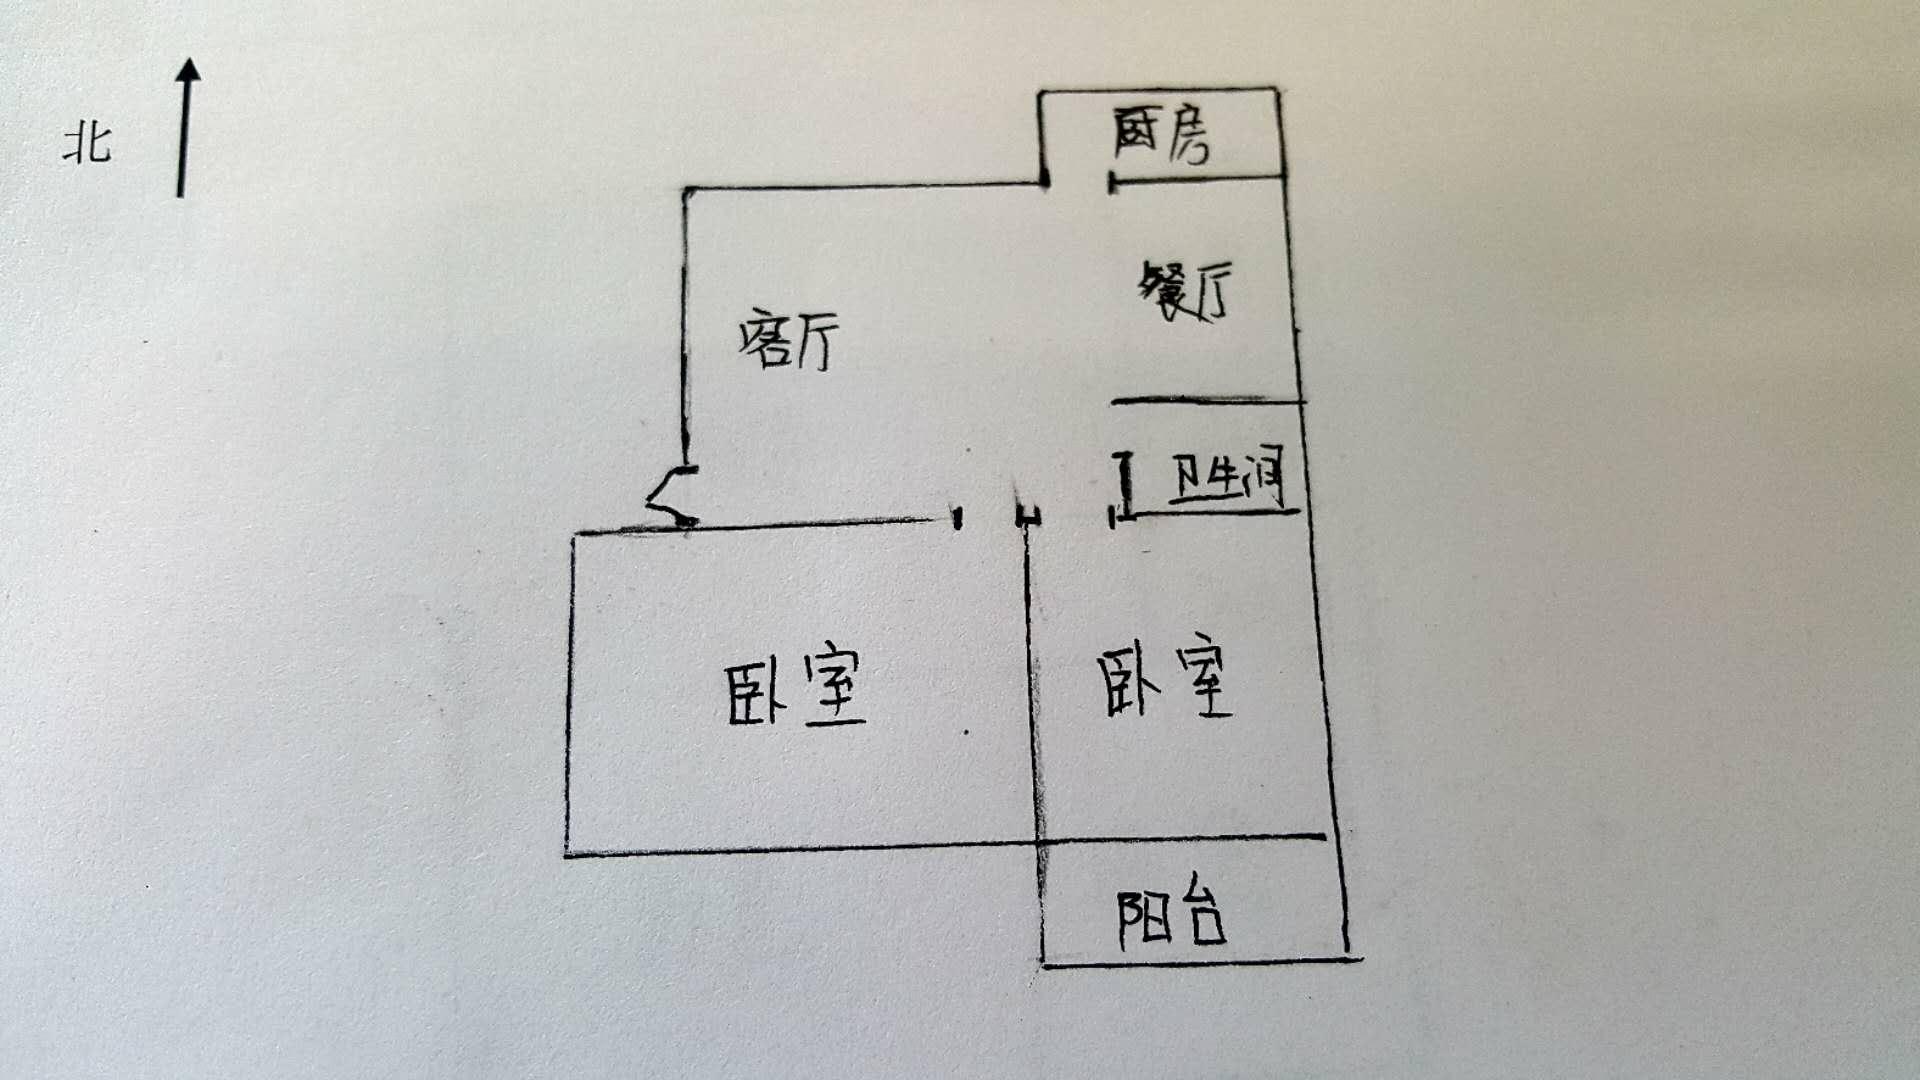 水文队宿舍 2室2厅 5楼